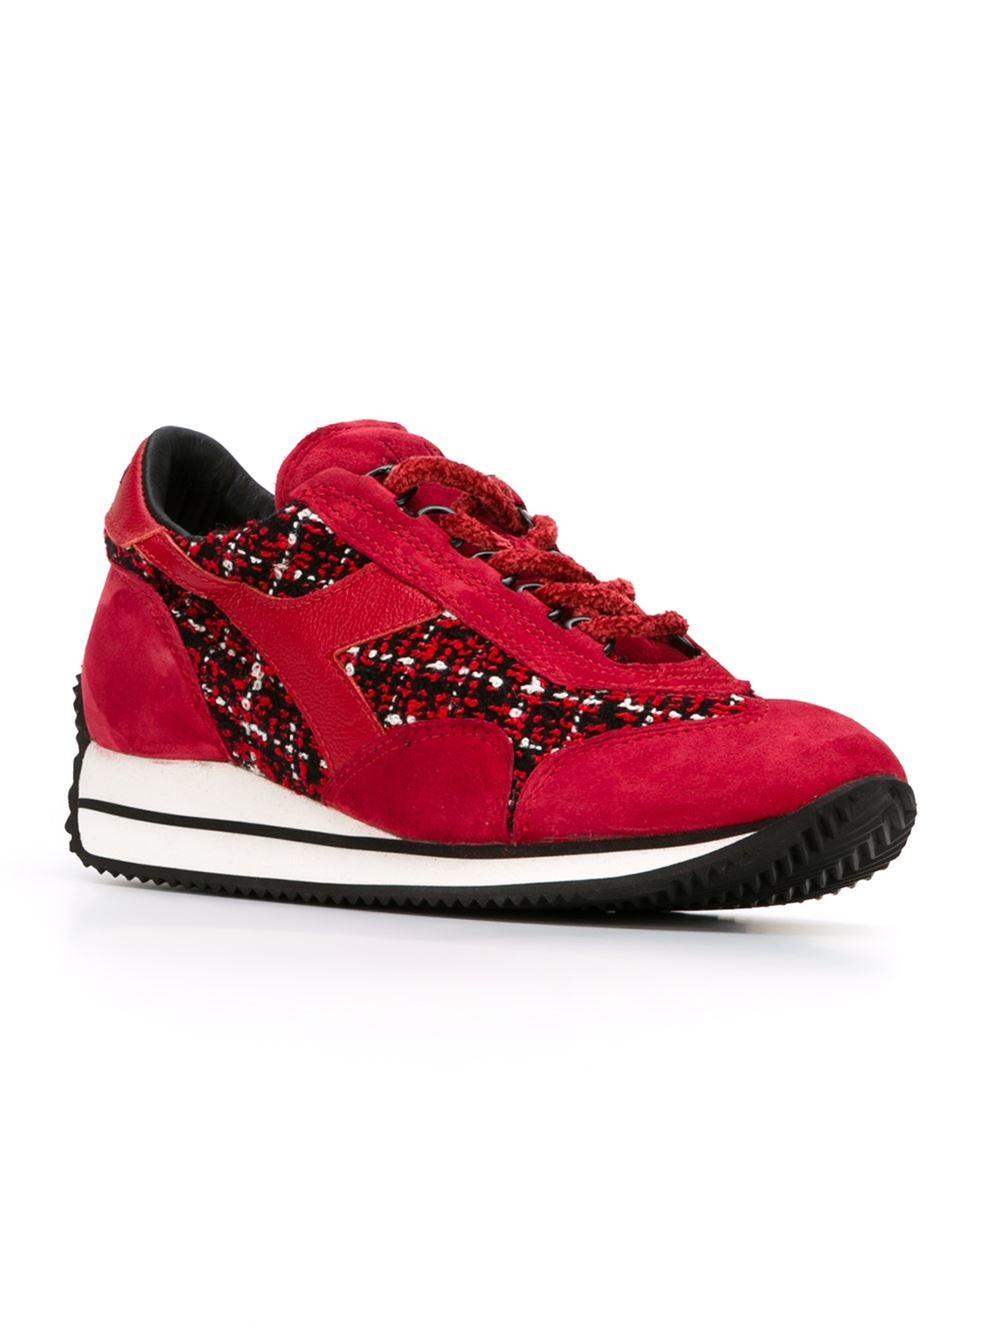 diadora sneakers - photo #34